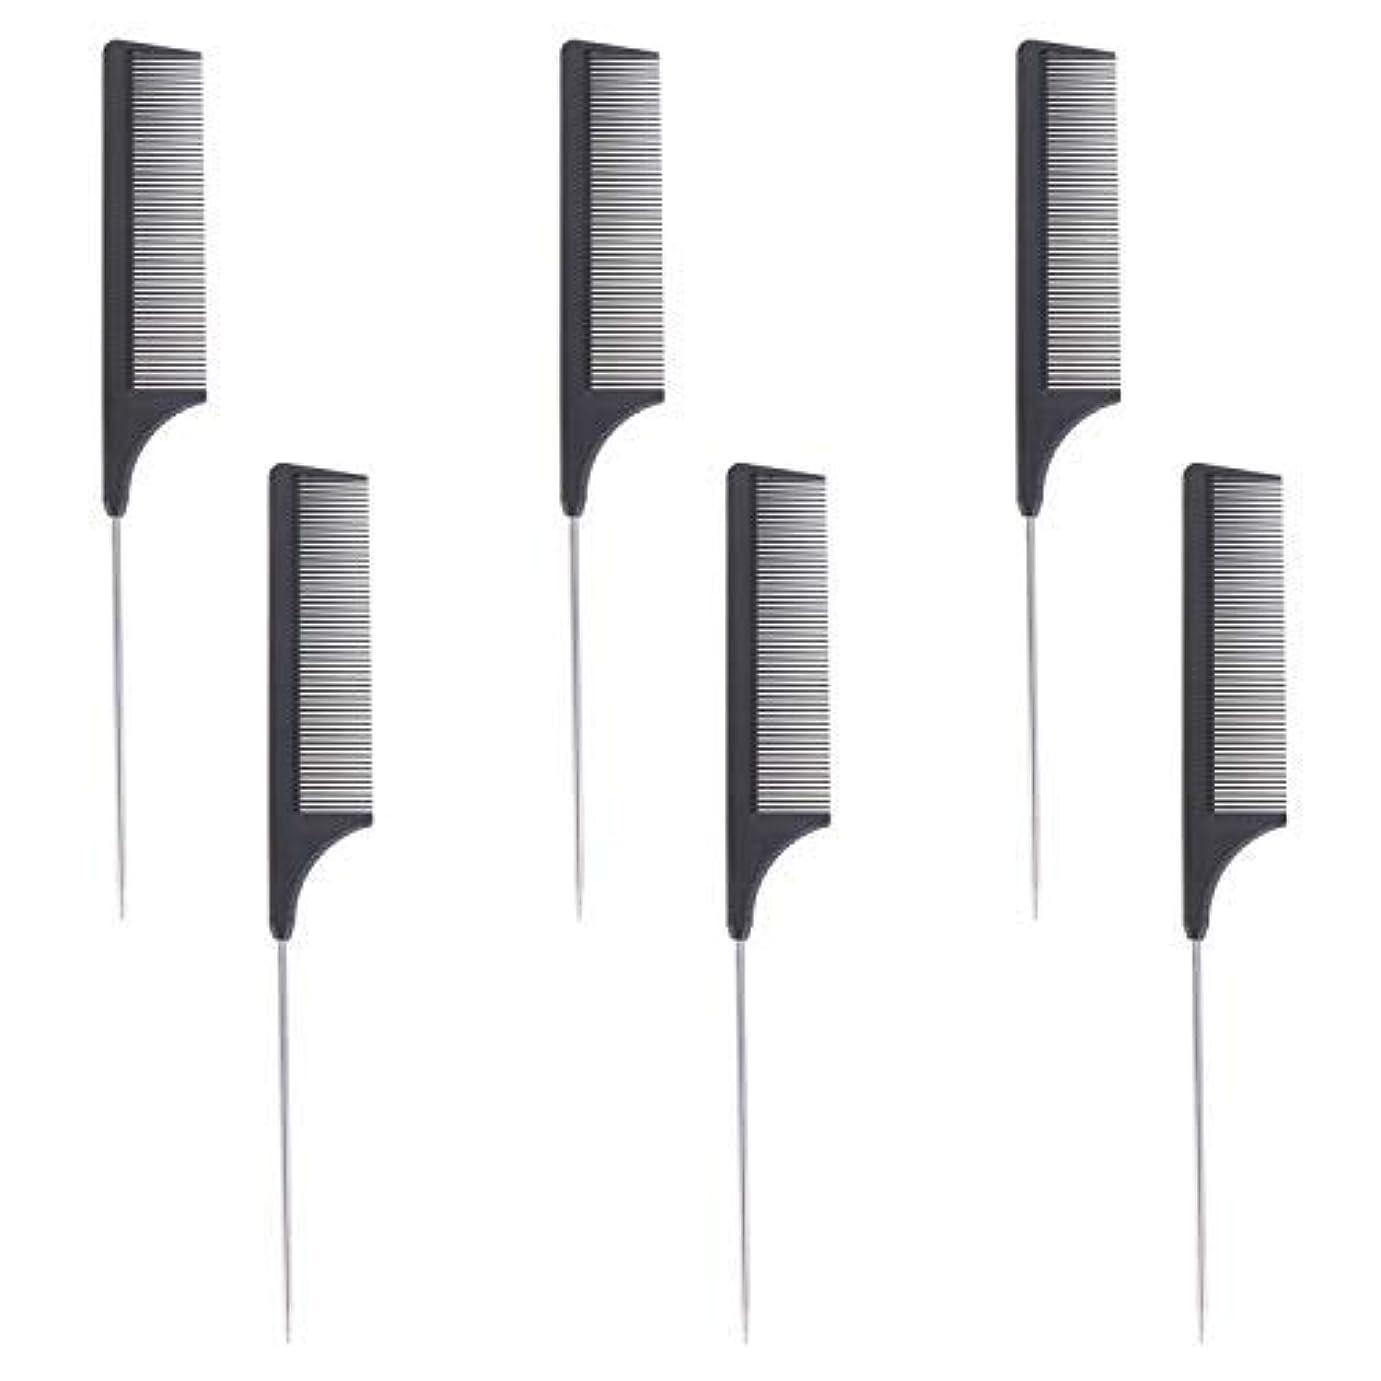 いとこハイランド過剰6 Pieces Comb Black Tail Styling Comb Chemical Heat Resistant Teasing Comb Carbon Fiber Hair Styling Combs for Women Men Hair Types Styles [並行輸入品]